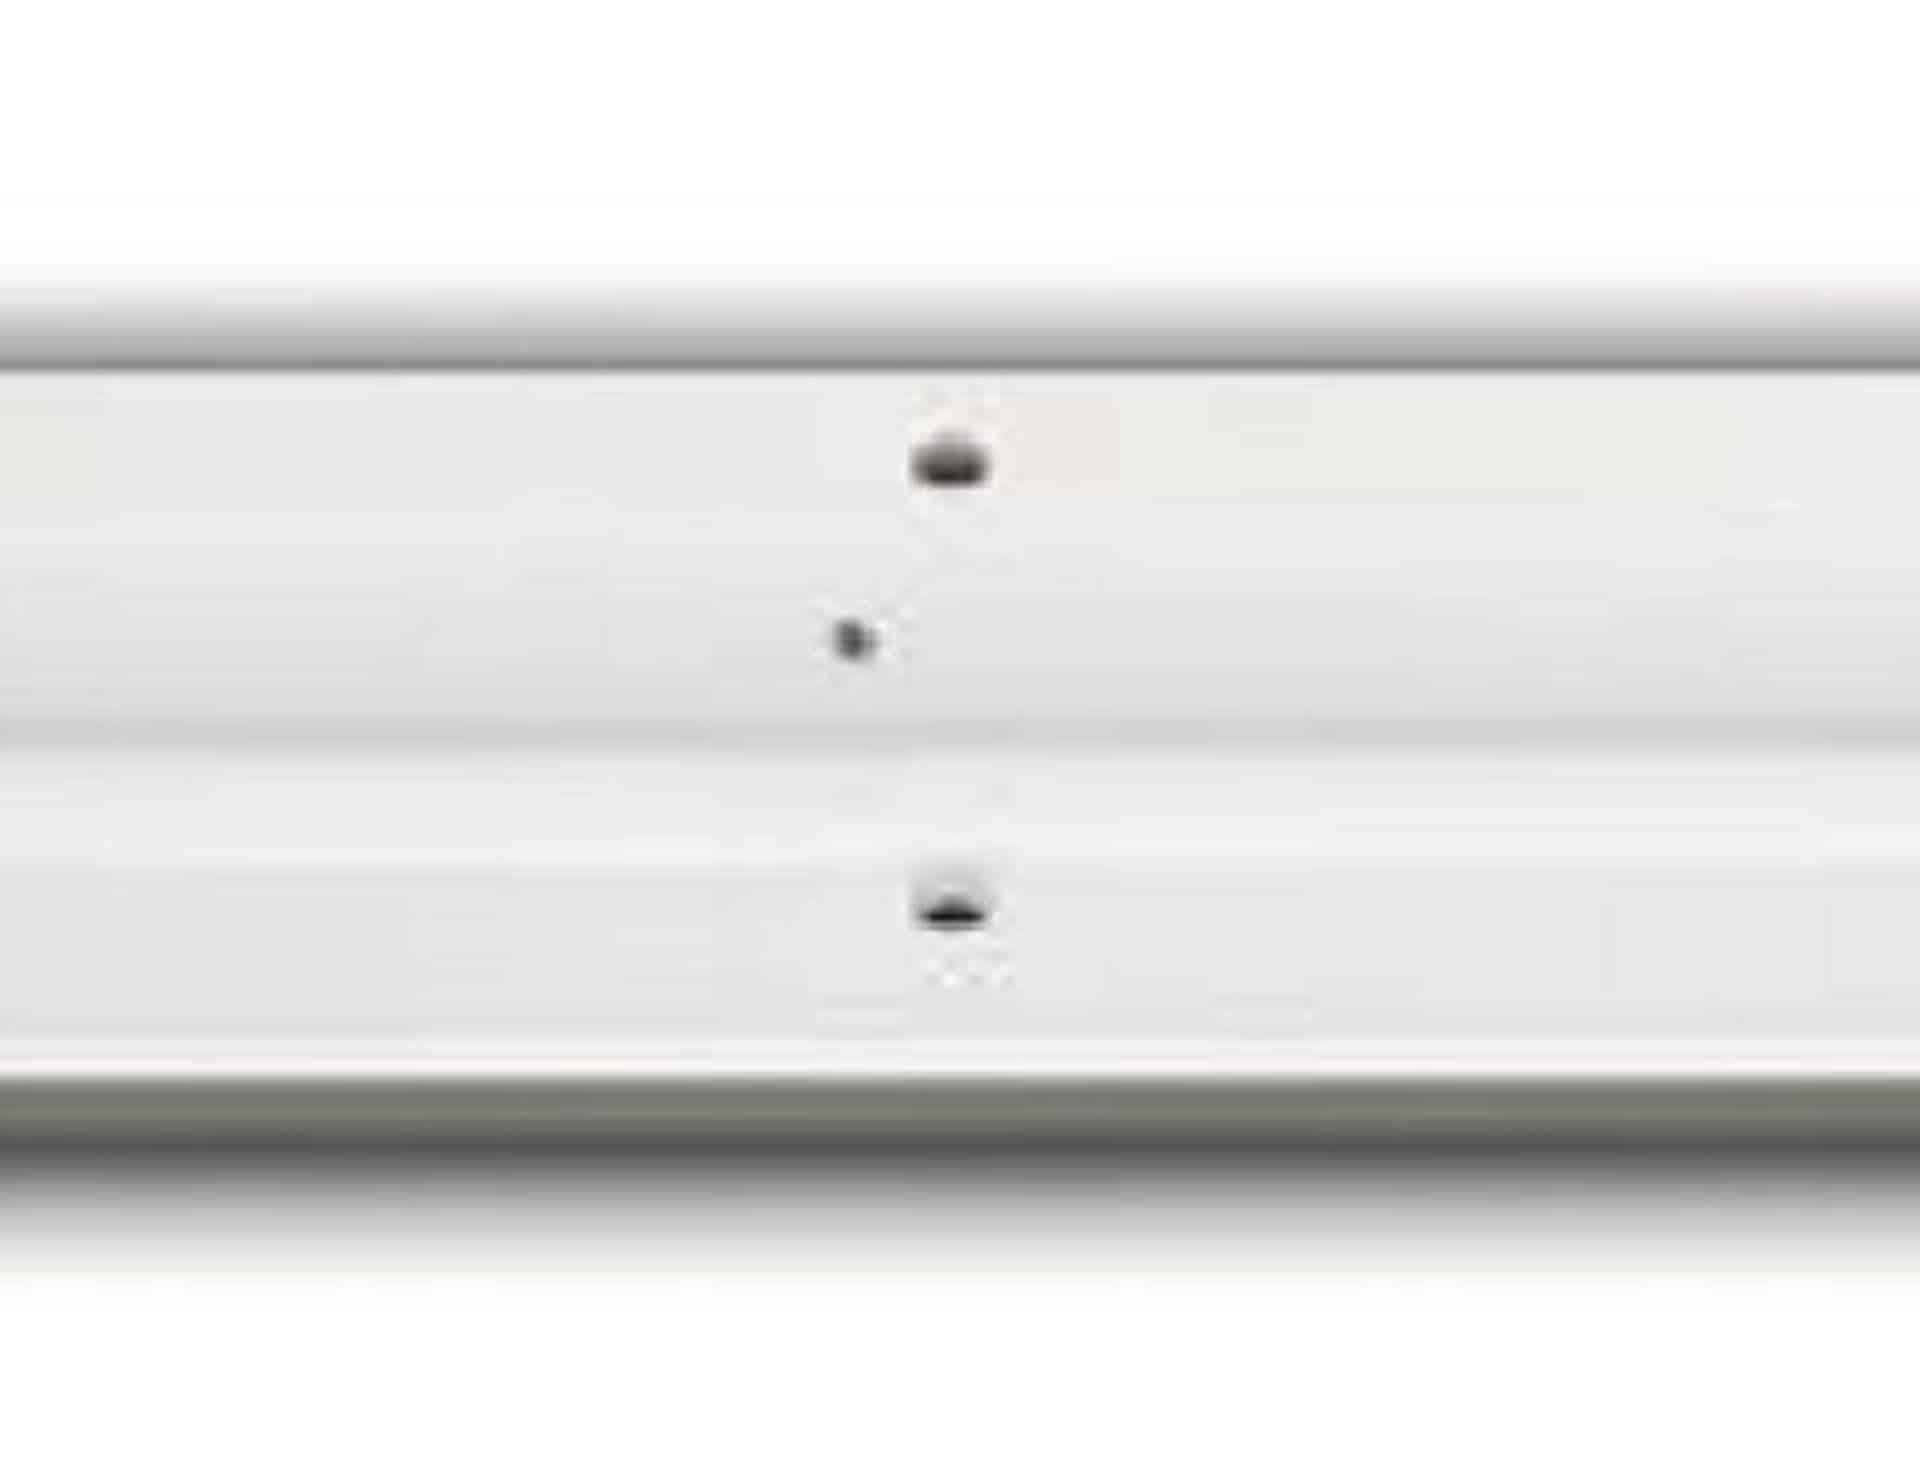 Flot designhåndvask i Kunstmarmor (Top-Solid). Vasken er lavet i hvid højglans komposit, som gør den meget nem at holde ren. Vasken har målene: 120,5 x 35,5 x 10 cm. Vasken tåler alle former for rengøringsmidler. Vasken kan bruges som fritstående vask - da vasken er flad i bunden er den velegnet til at placere direkte på en bordplade. Vasken er hensynsmæssigt designet med fine rundinger, som både giver vasken et eksklusivt udtryk og gør den rengøringsvenlig. Vasken vedligeholdes med voks - vi anbefaler en behandling med vores egen naturvoks ID12002 et par gange om året for at opnå optimalt look.